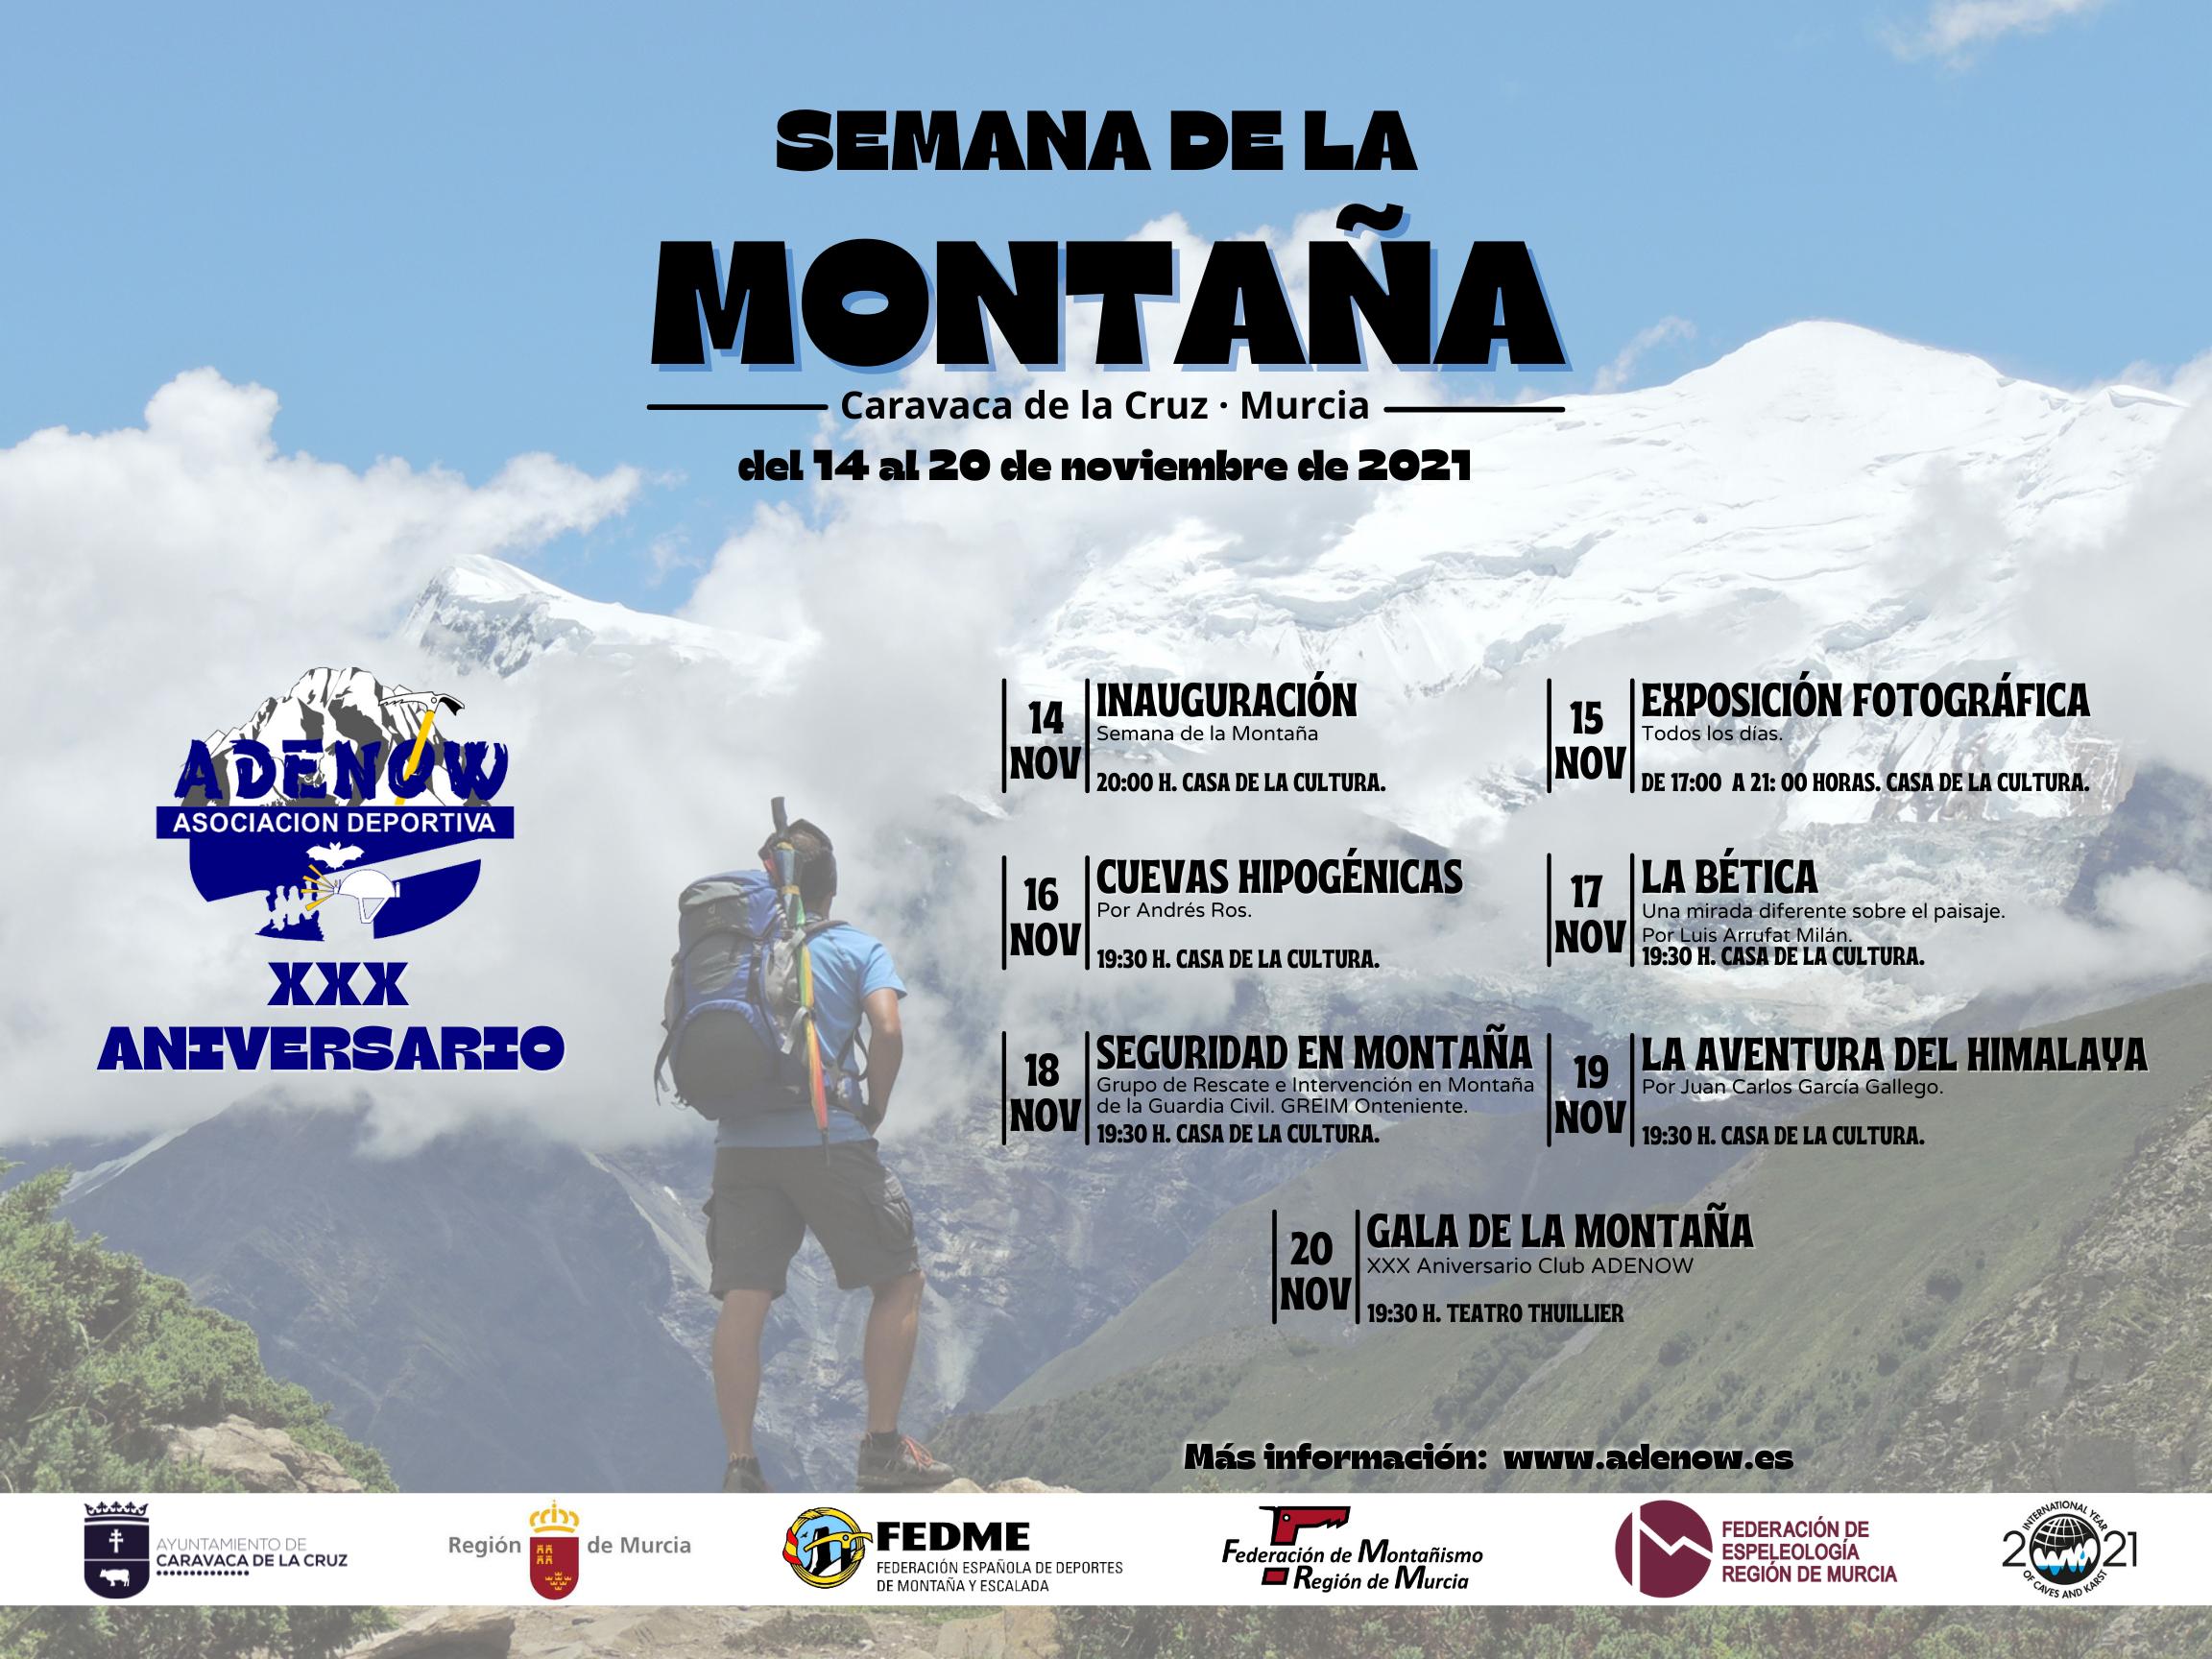 Cartel Semana de la Montaña 2021